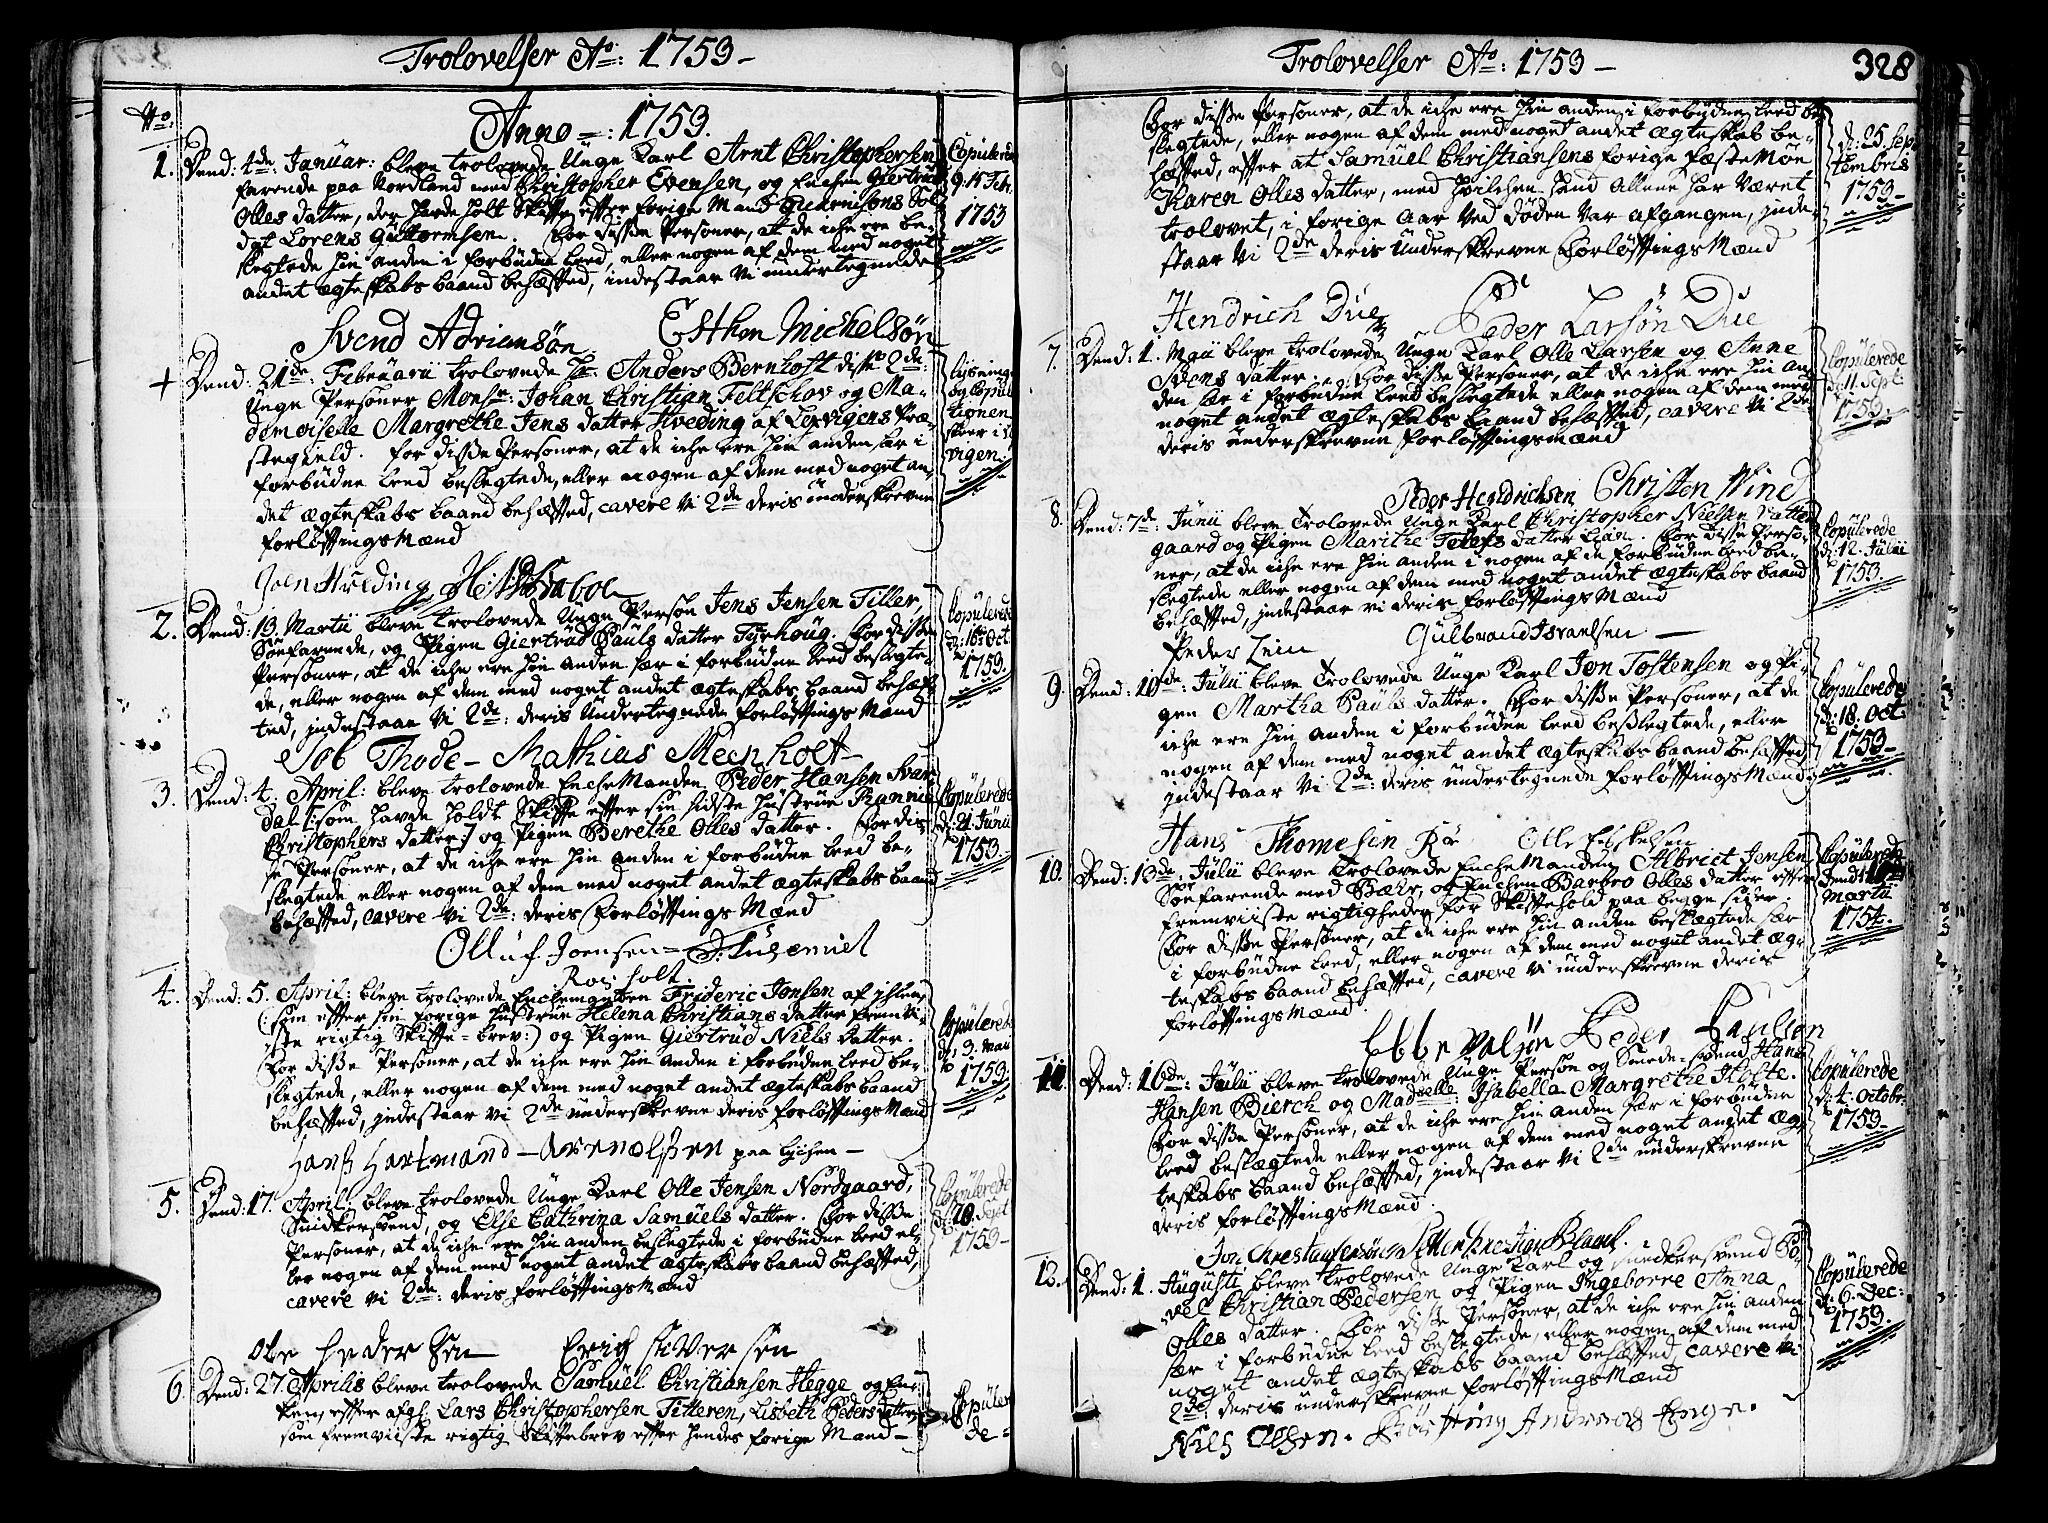 SAT, Ministerialprotokoller, klokkerbøker og fødselsregistre - Sør-Trøndelag, 602/L0103: Ministerialbok nr. 602A01, 1732-1774, s. 328